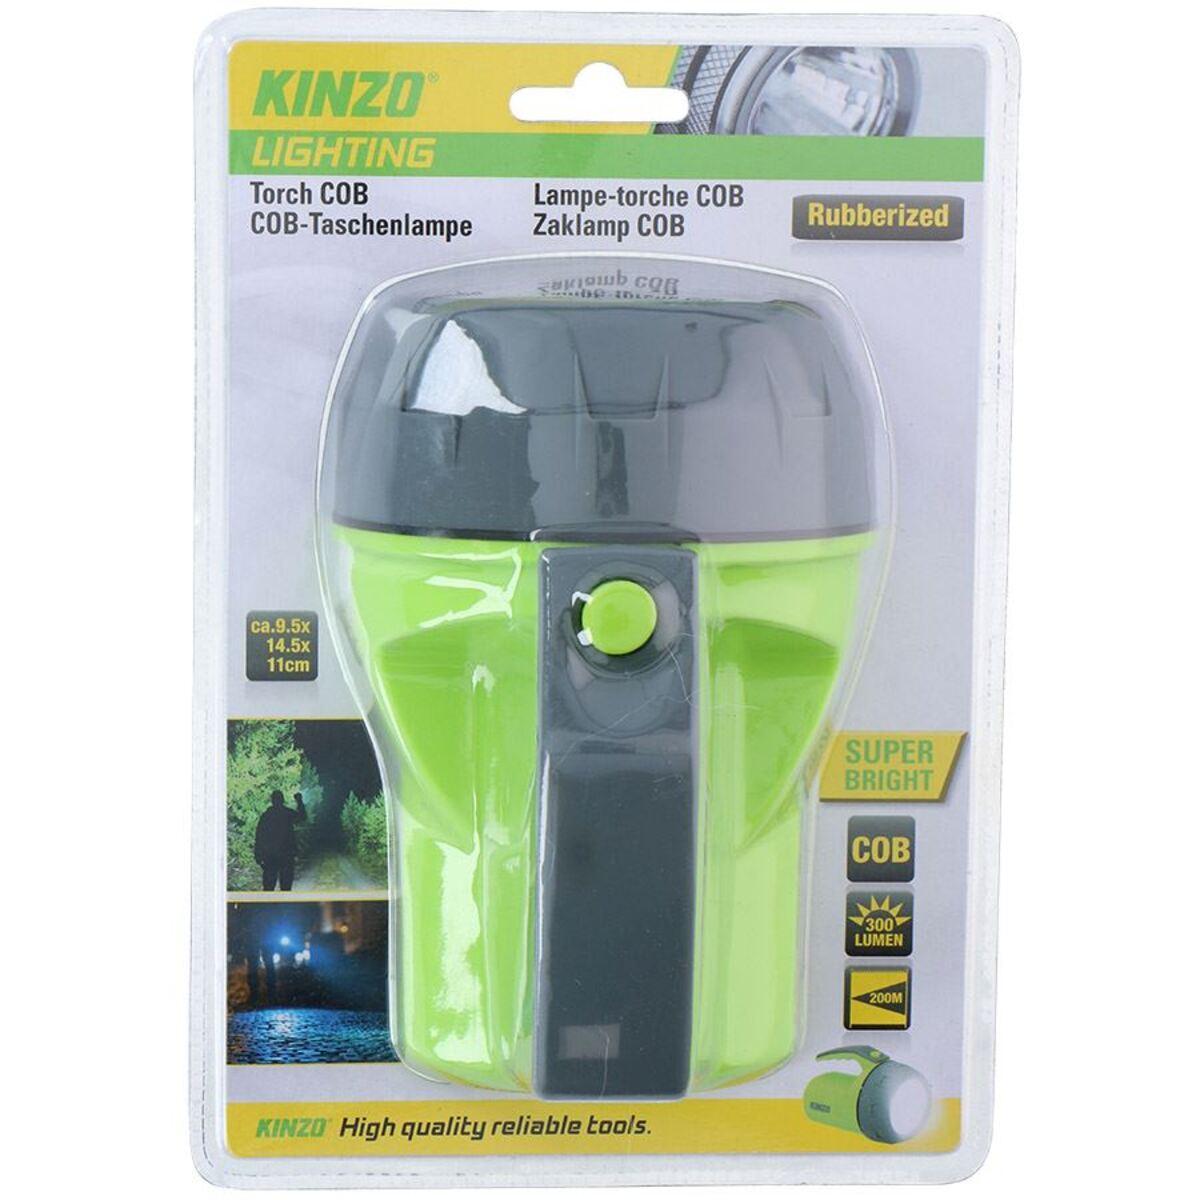 Bild 2 von Kinzo COB-Taschenlampe 3Watt